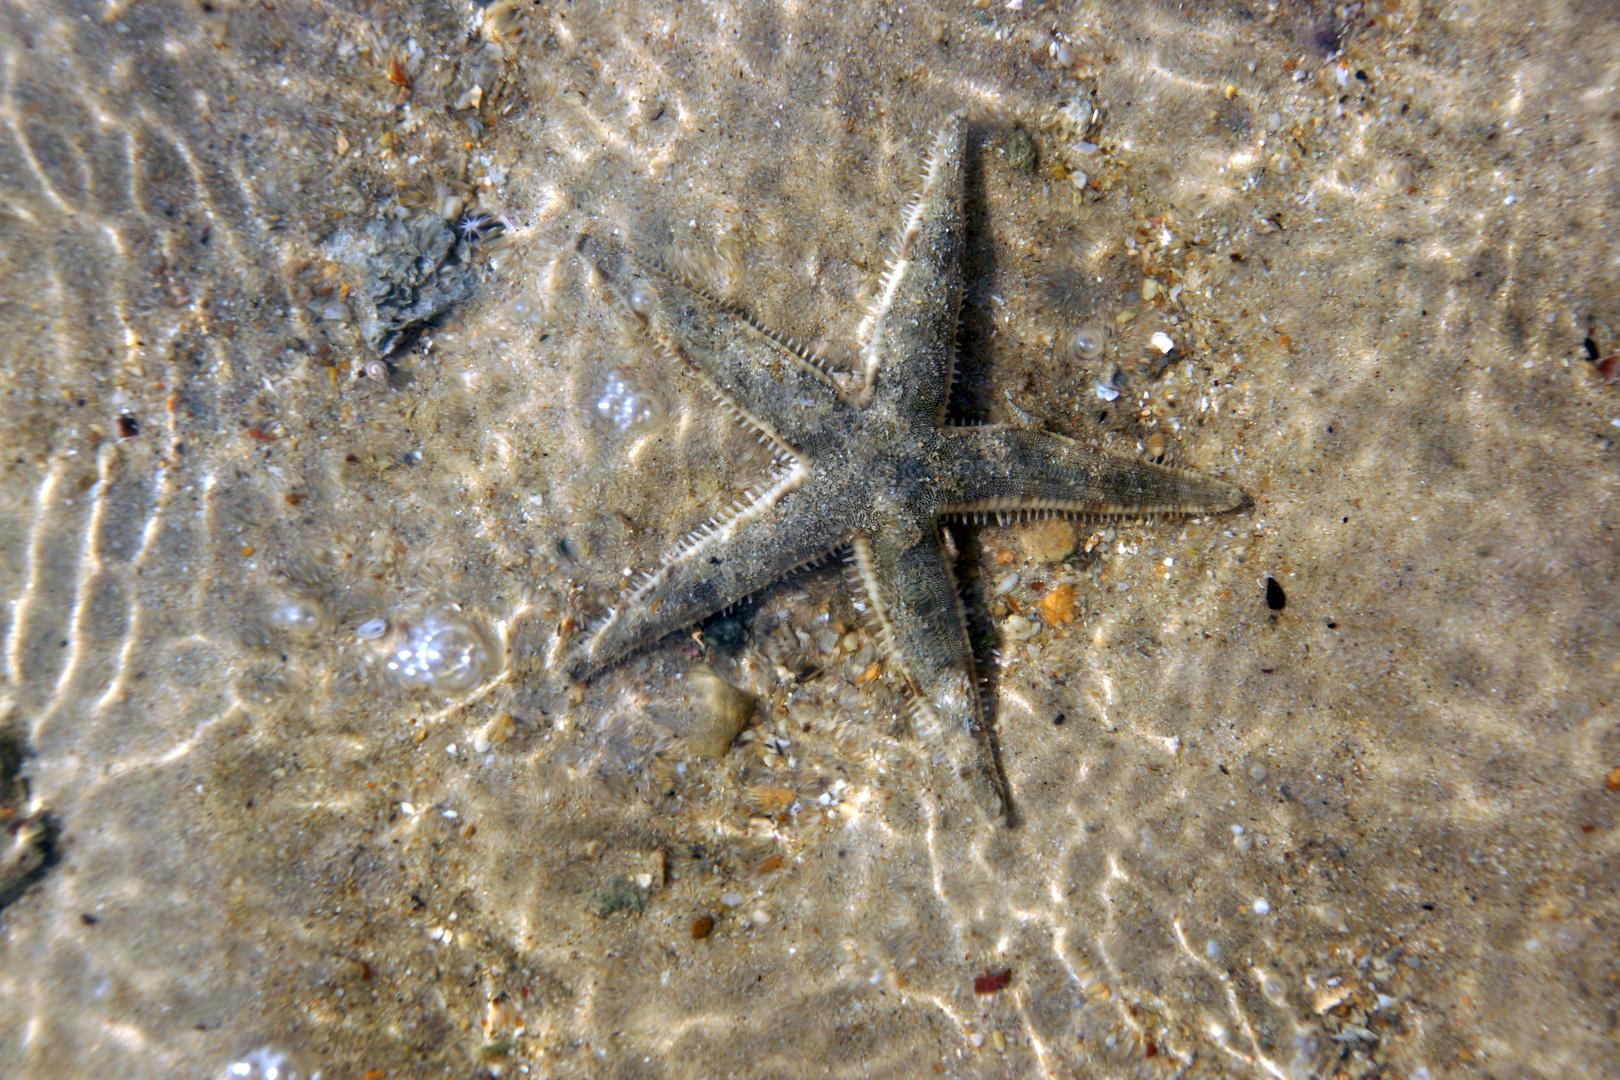 Seestern im Wasser